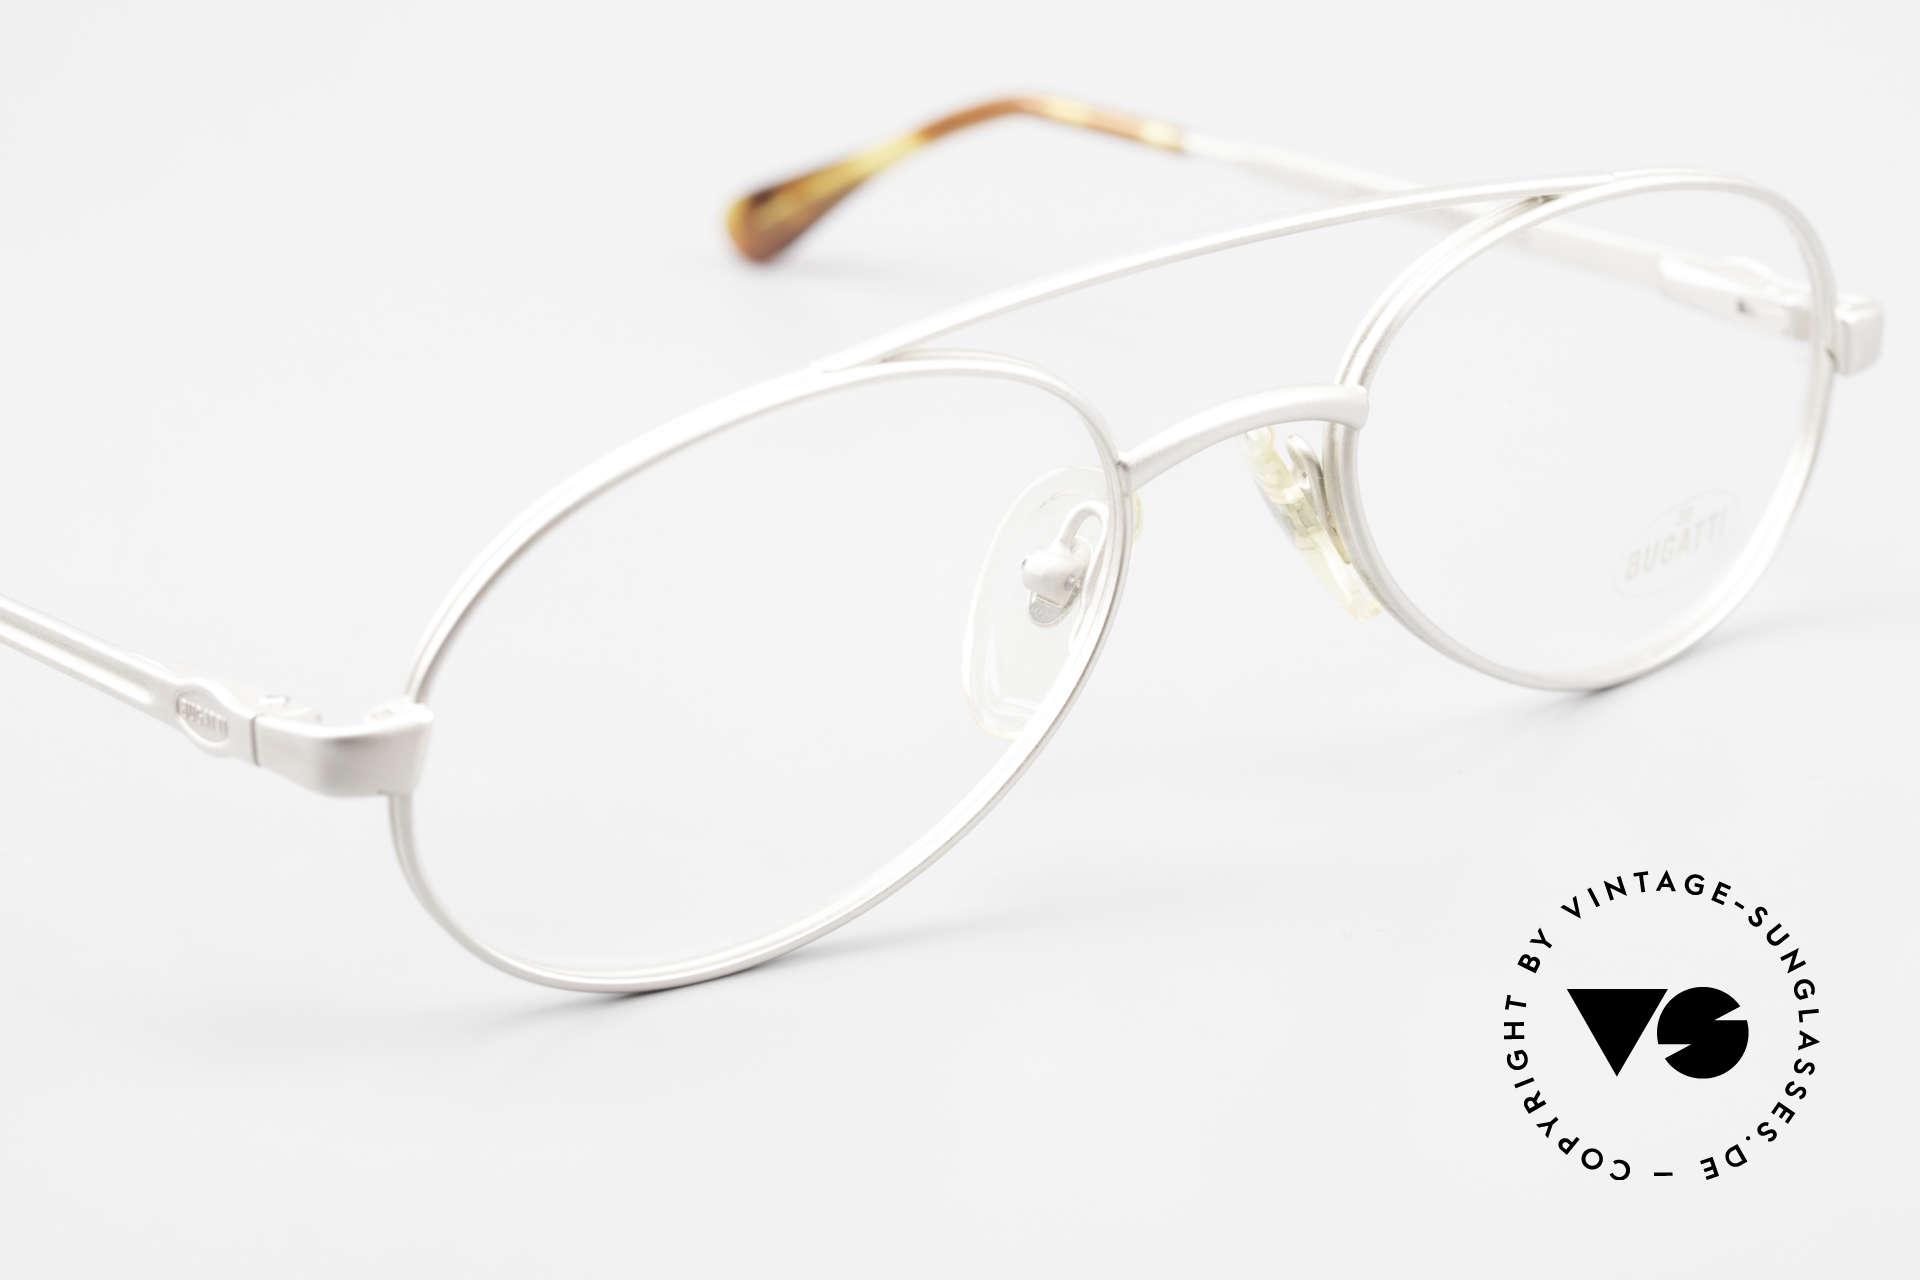 Bugatti 08105 Alte Vintage Brille Herren 80er, KEINE Retrobrille, sondern ein altes 80er Original, Passend für Herren